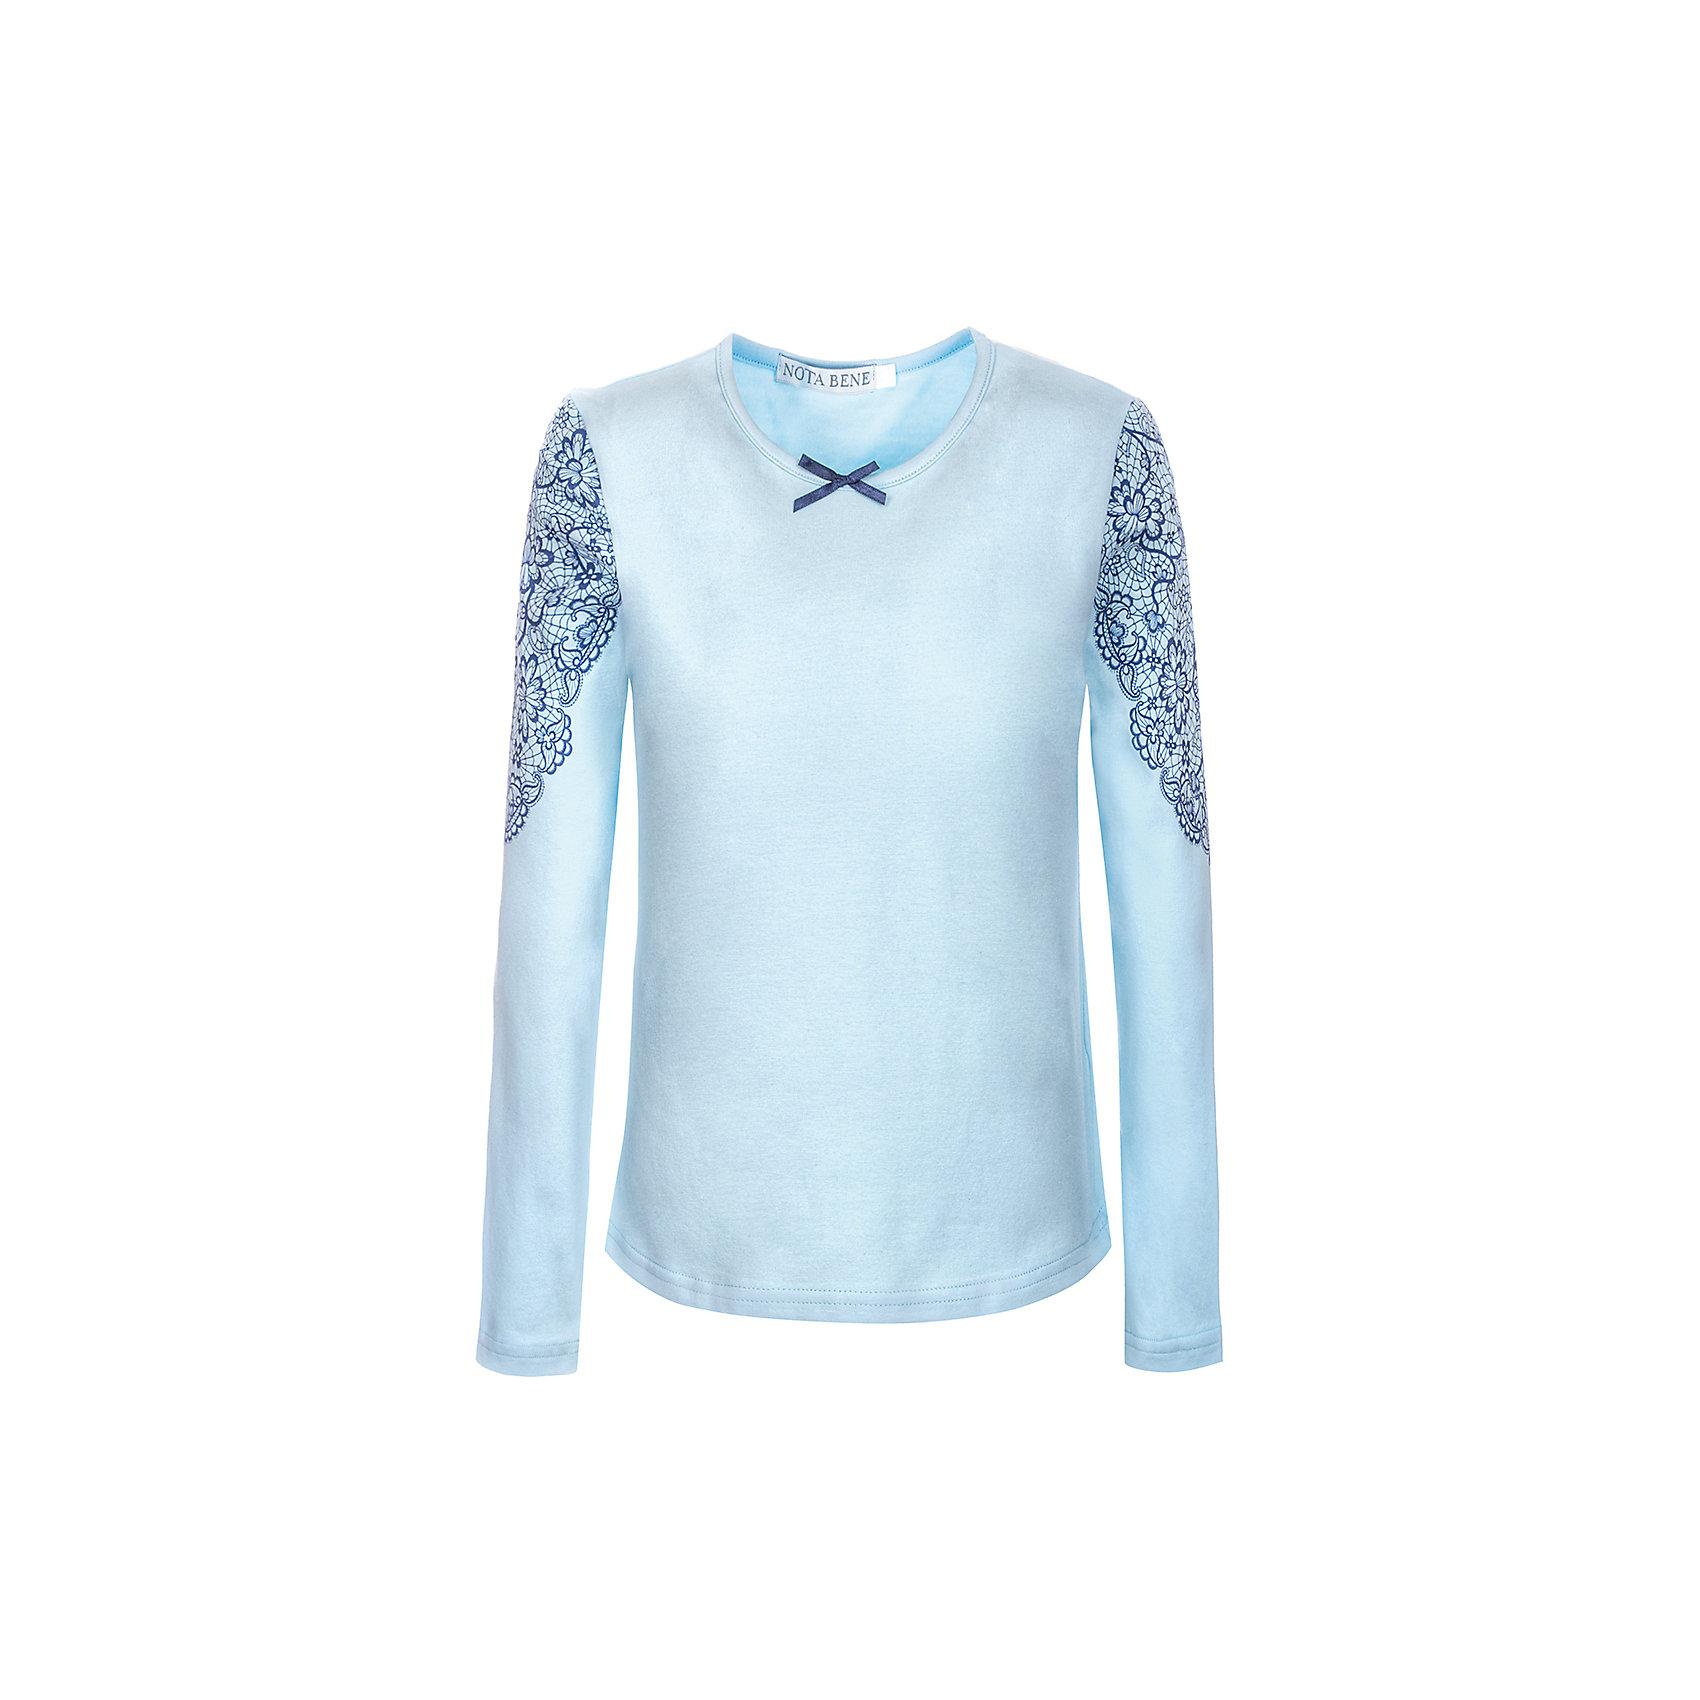 Блузка Nota Bene для девочкиБлузки и рубашки<br>Блузка с длинными рукавами с кружевной отделкой<br>Соответствует размеру<br>Рекомендована предварительная стирка<br>Состав:<br>92% хлопок; 8% лайкра<br><br>Ширина мм: 186<br>Глубина мм: 87<br>Высота мм: 198<br>Вес г: 197<br>Цвет: голубой<br>Возраст от месяцев: 84<br>Возраст до месяцев: 96<br>Пол: Женский<br>Возраст: Детский<br>Размер: 128,122,164,158,152,146,140,134<br>SKU: 7011989